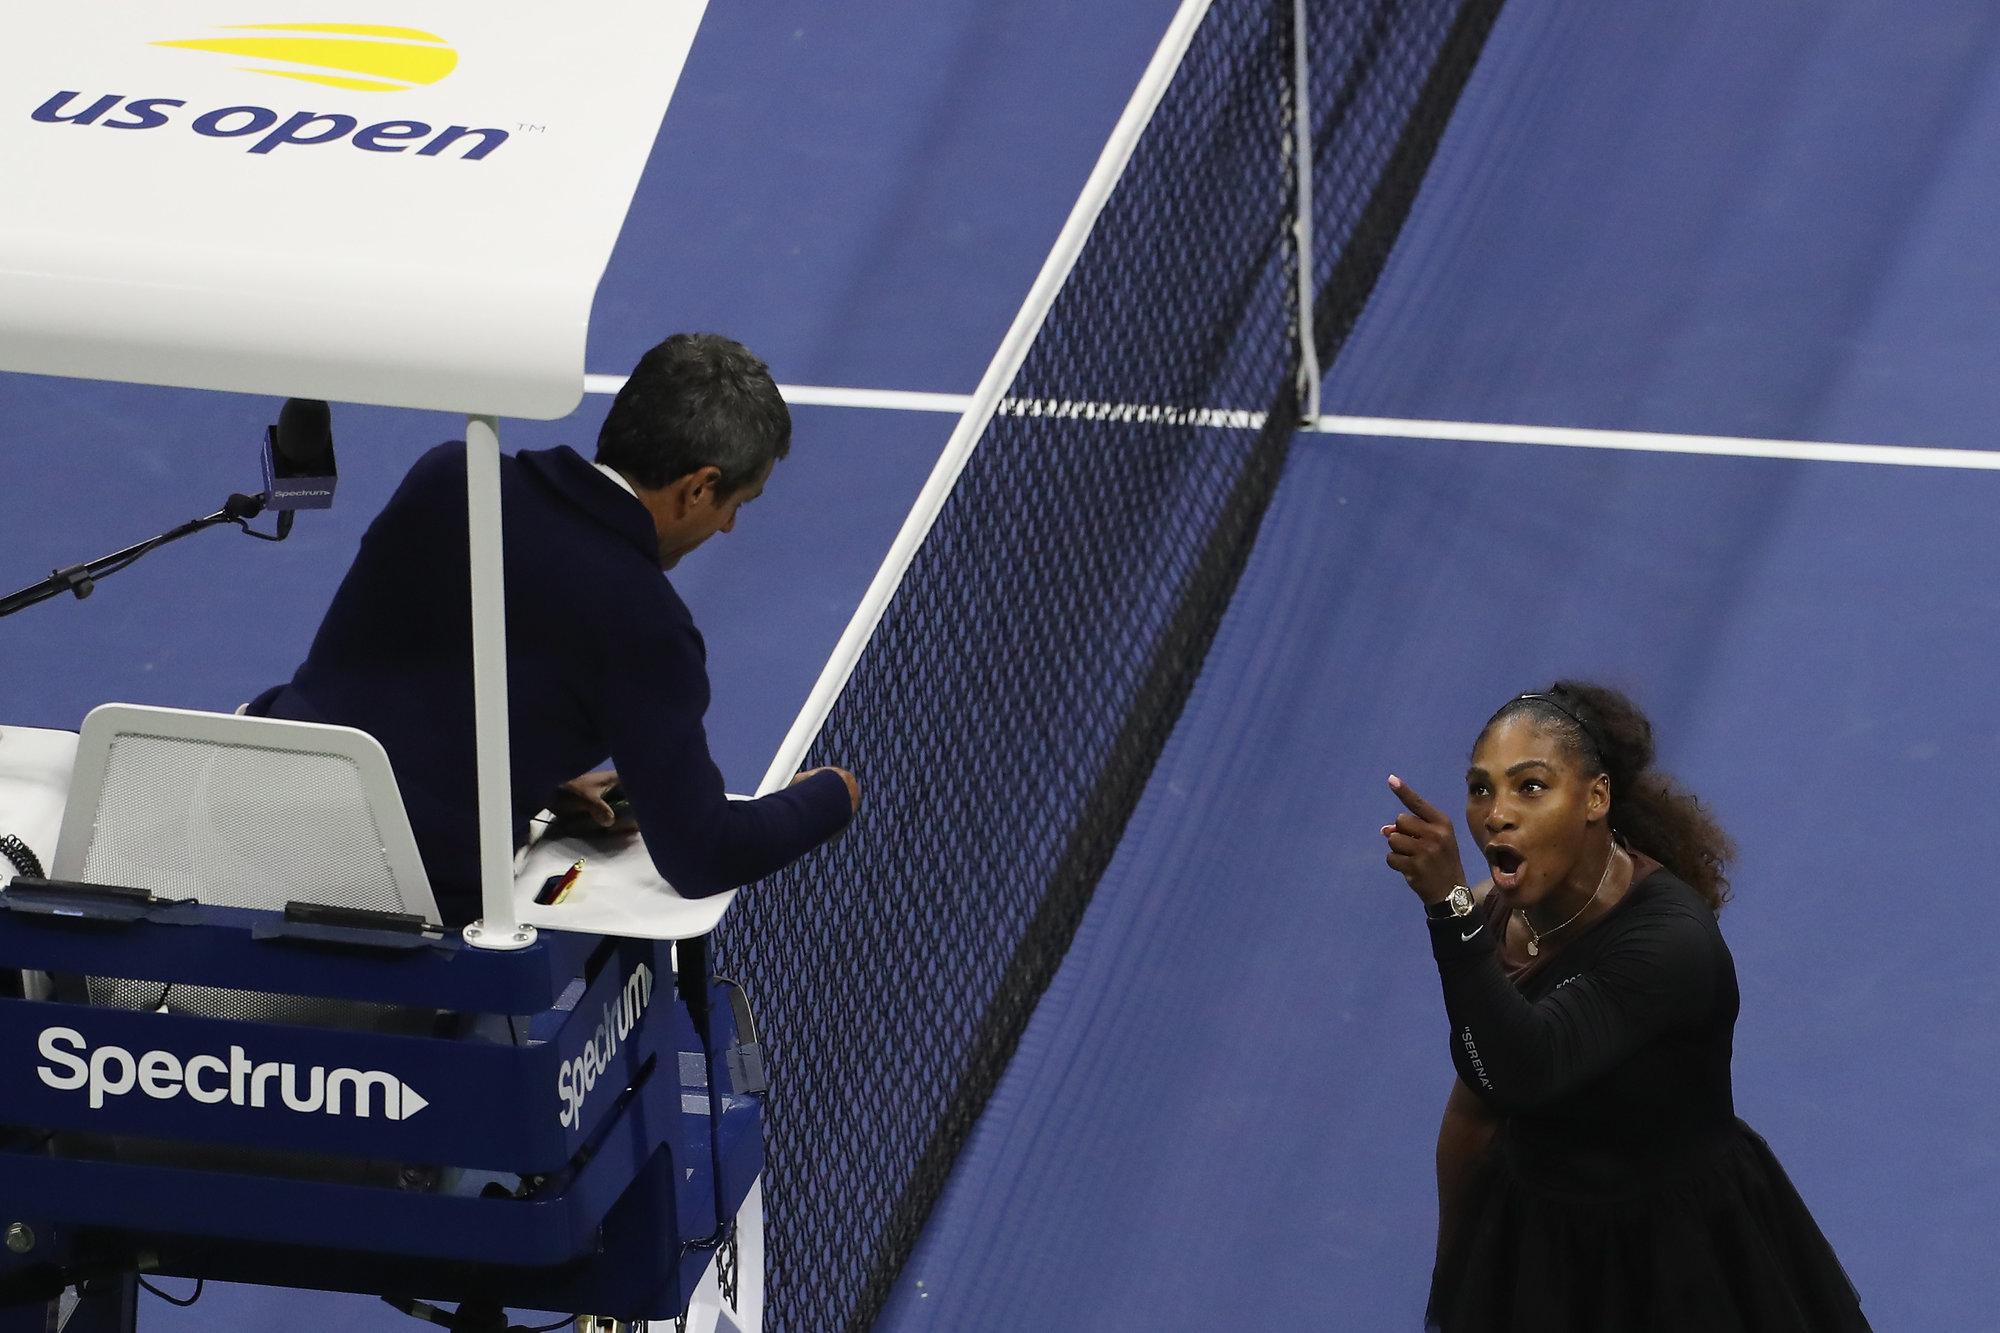 Роджер Федерер: «Серена Уильямс зашла слишком далеко в финале US Open»